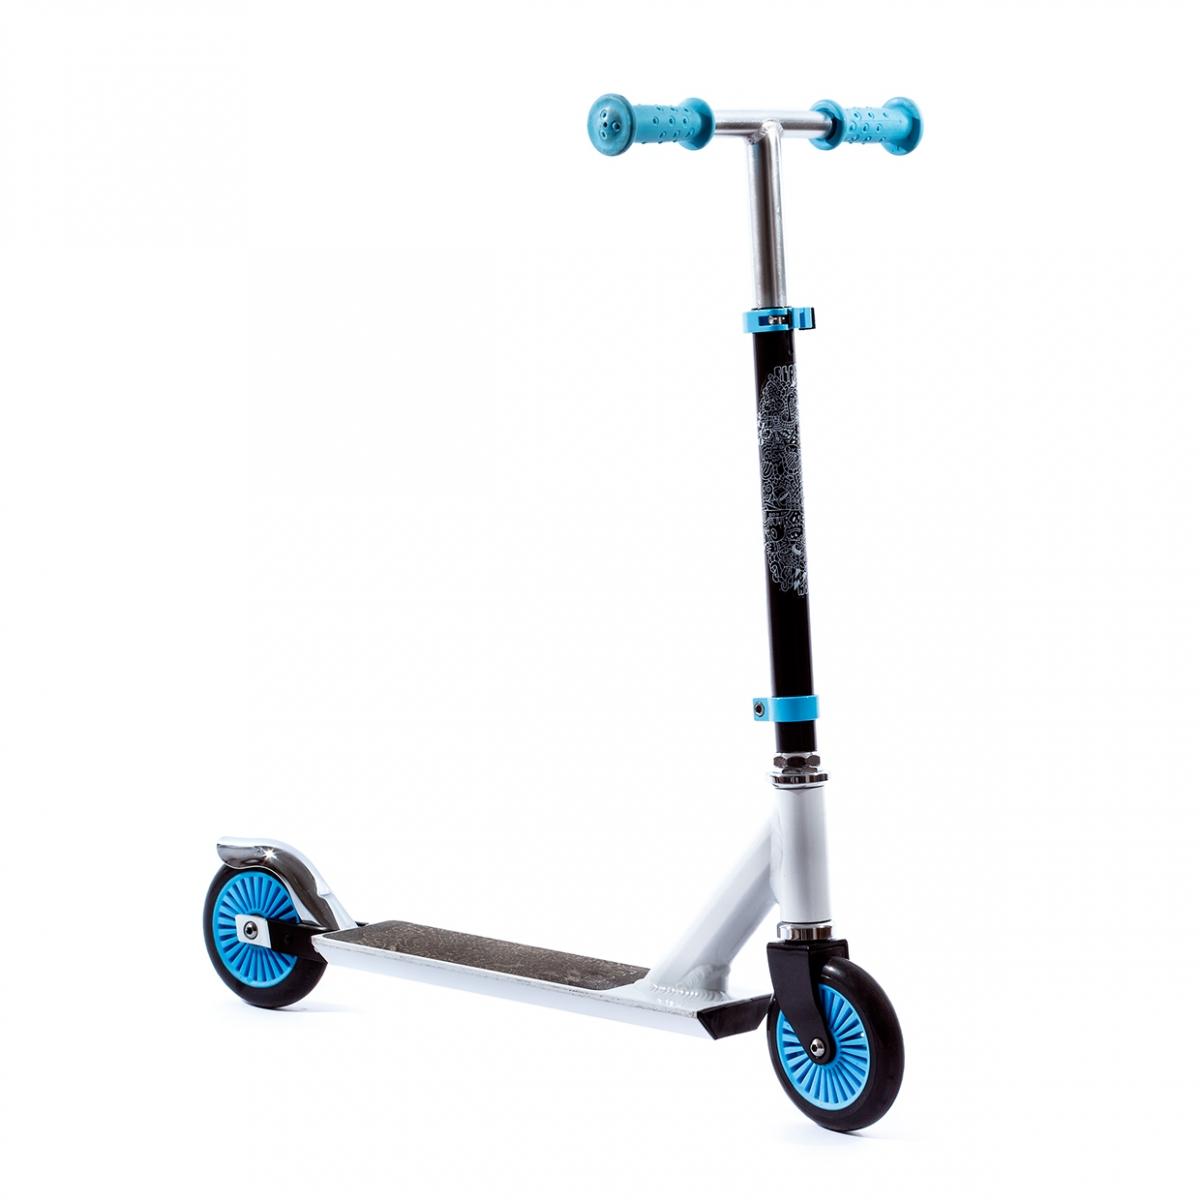 Imagen en la que se un patinete de dos ruedas con manillar